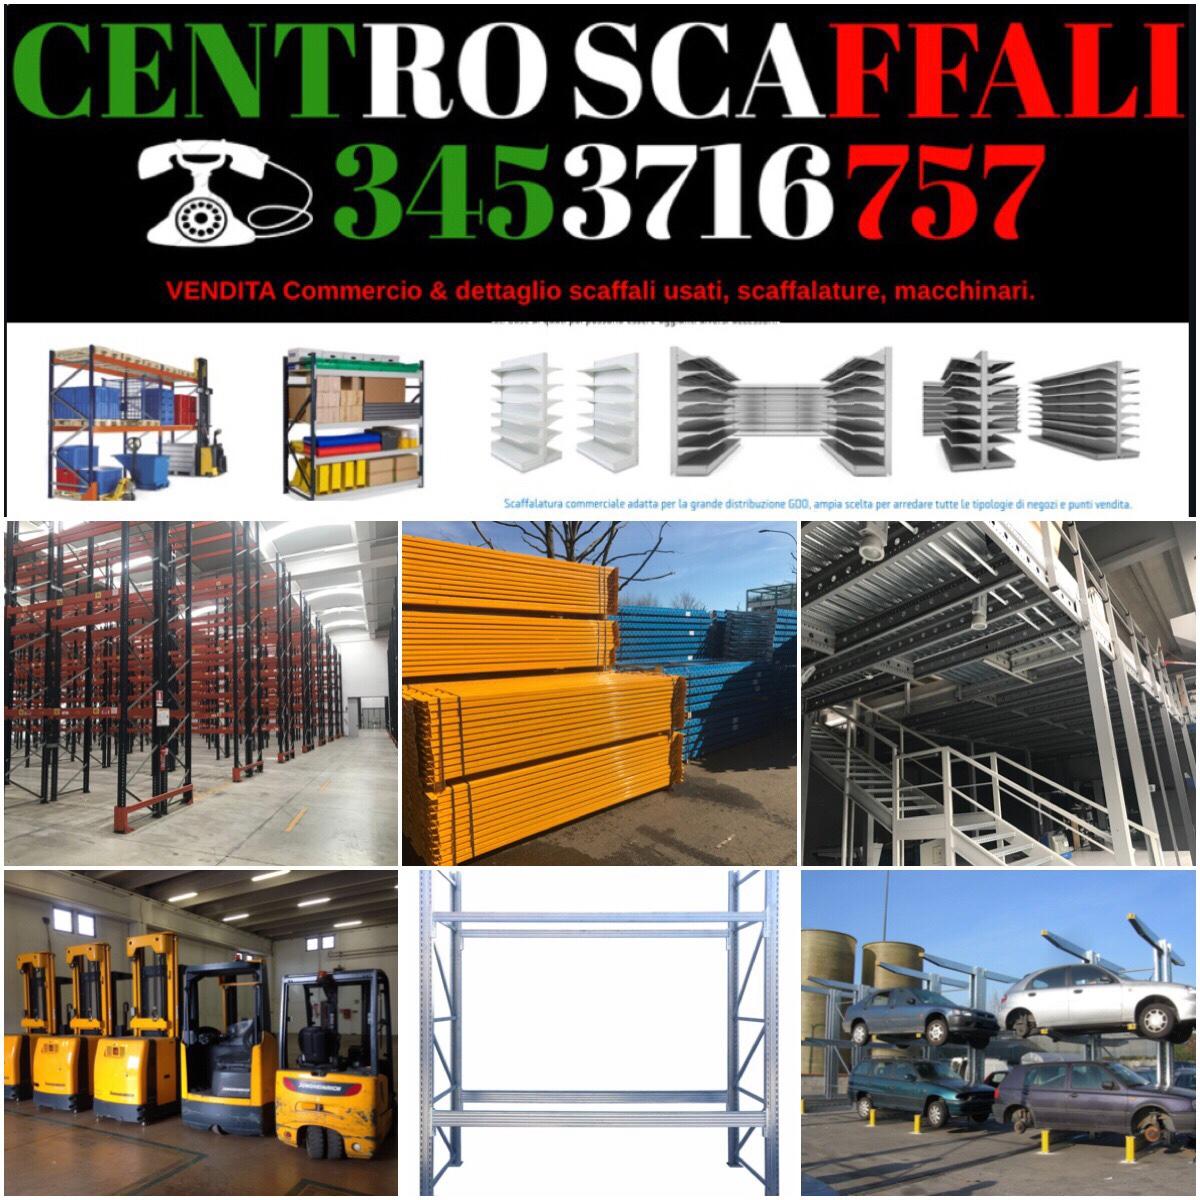 Scaffali usati in tutta Italia, vendita e istallazione porta pallet, cantilever, Soppalco, drive-in, passerella, self-service, COMPRO SCAFFALATURE PAGAMENTO IMMEDIATO